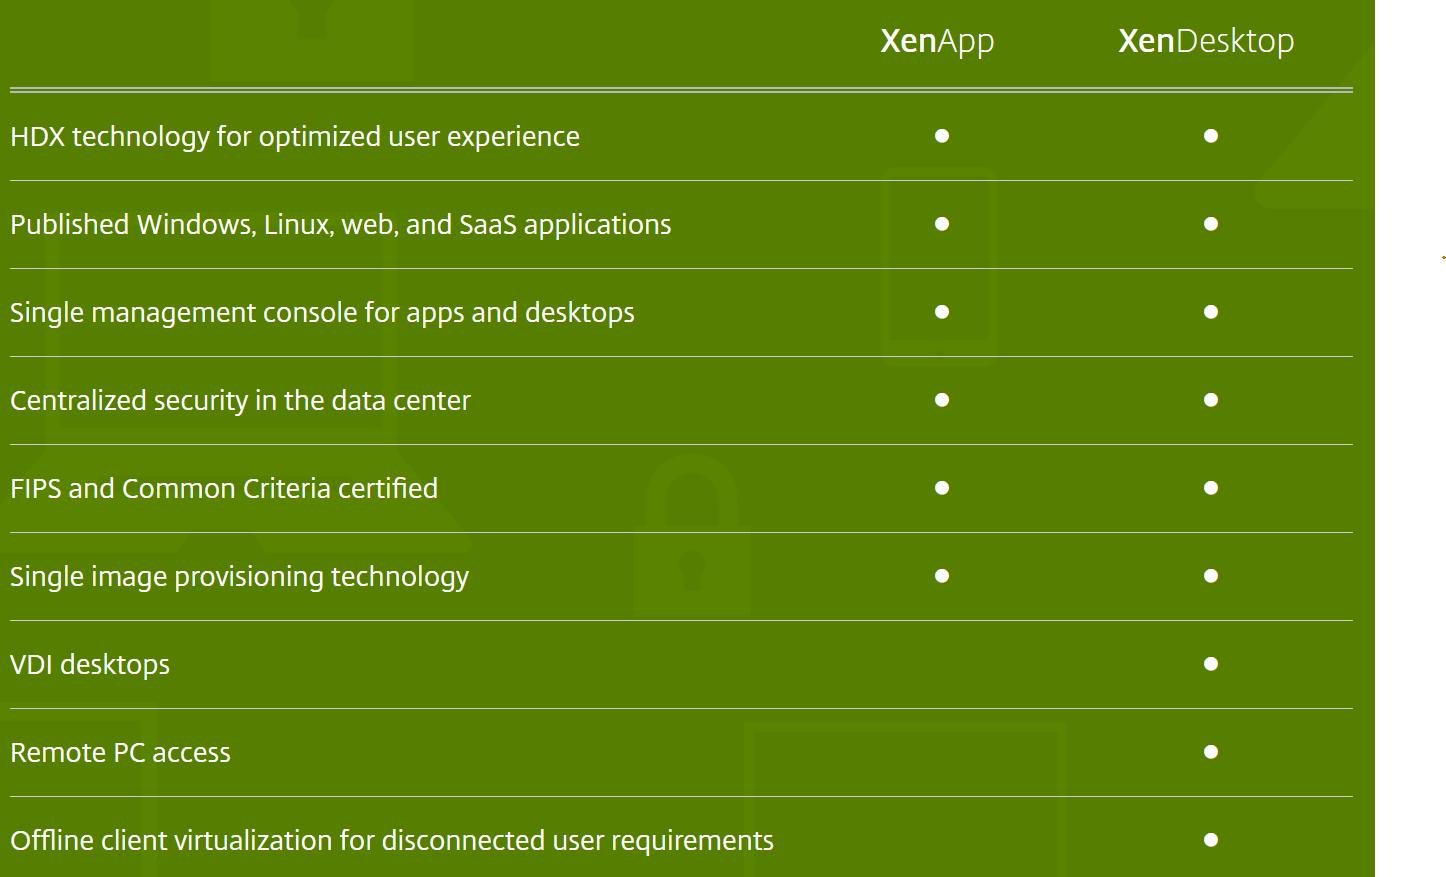 Khi nào thì doanh nghiệp của bạn cần sử dụng XenApp hoặc XenDesktop